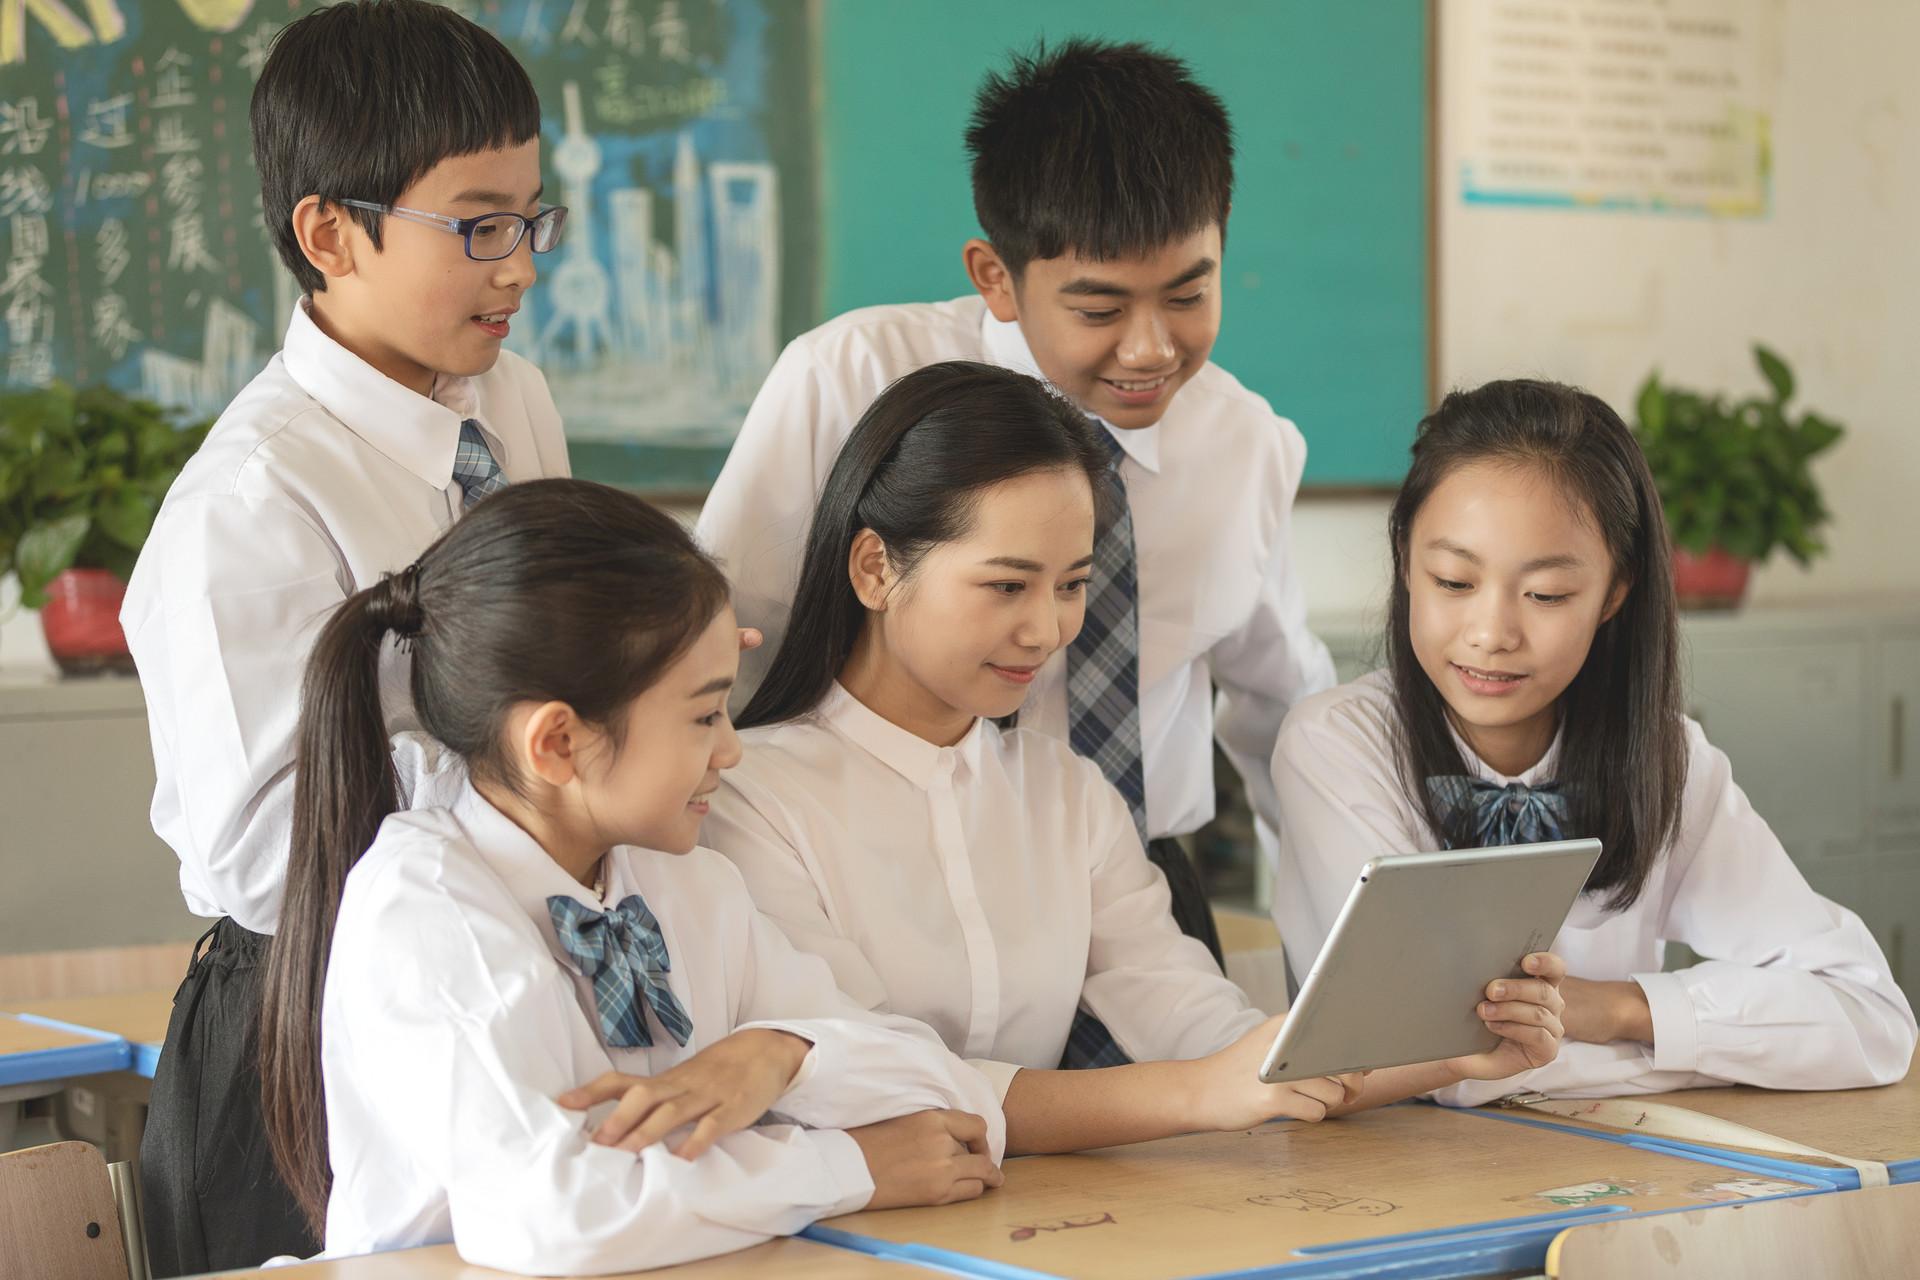 高考不管考得好不好,这8个专业有前途,值得考生报读